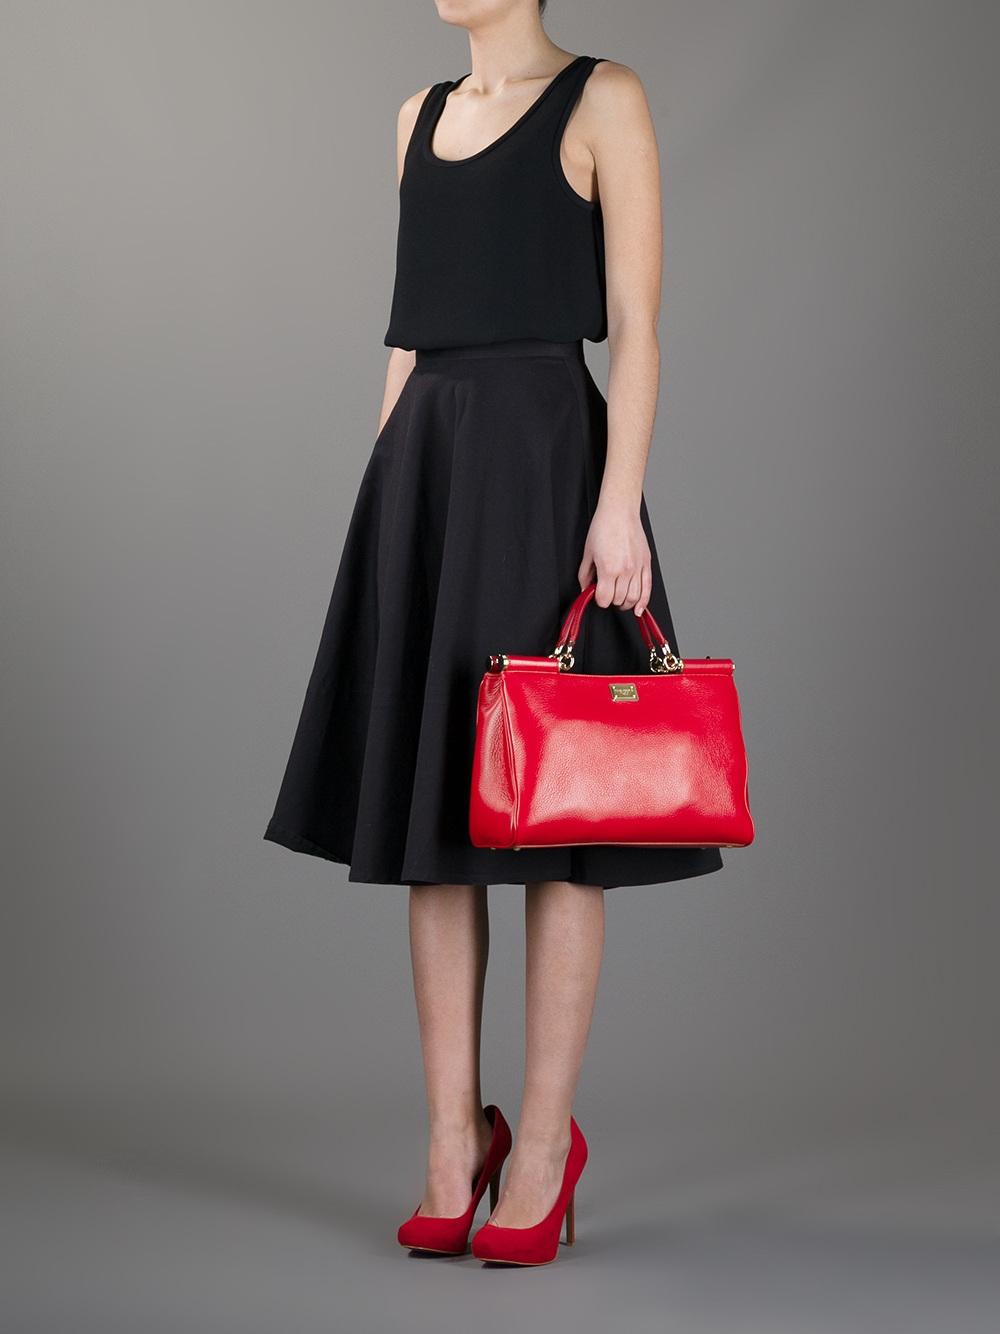 Dolce & Gabbana Frame Tote Bag in Red